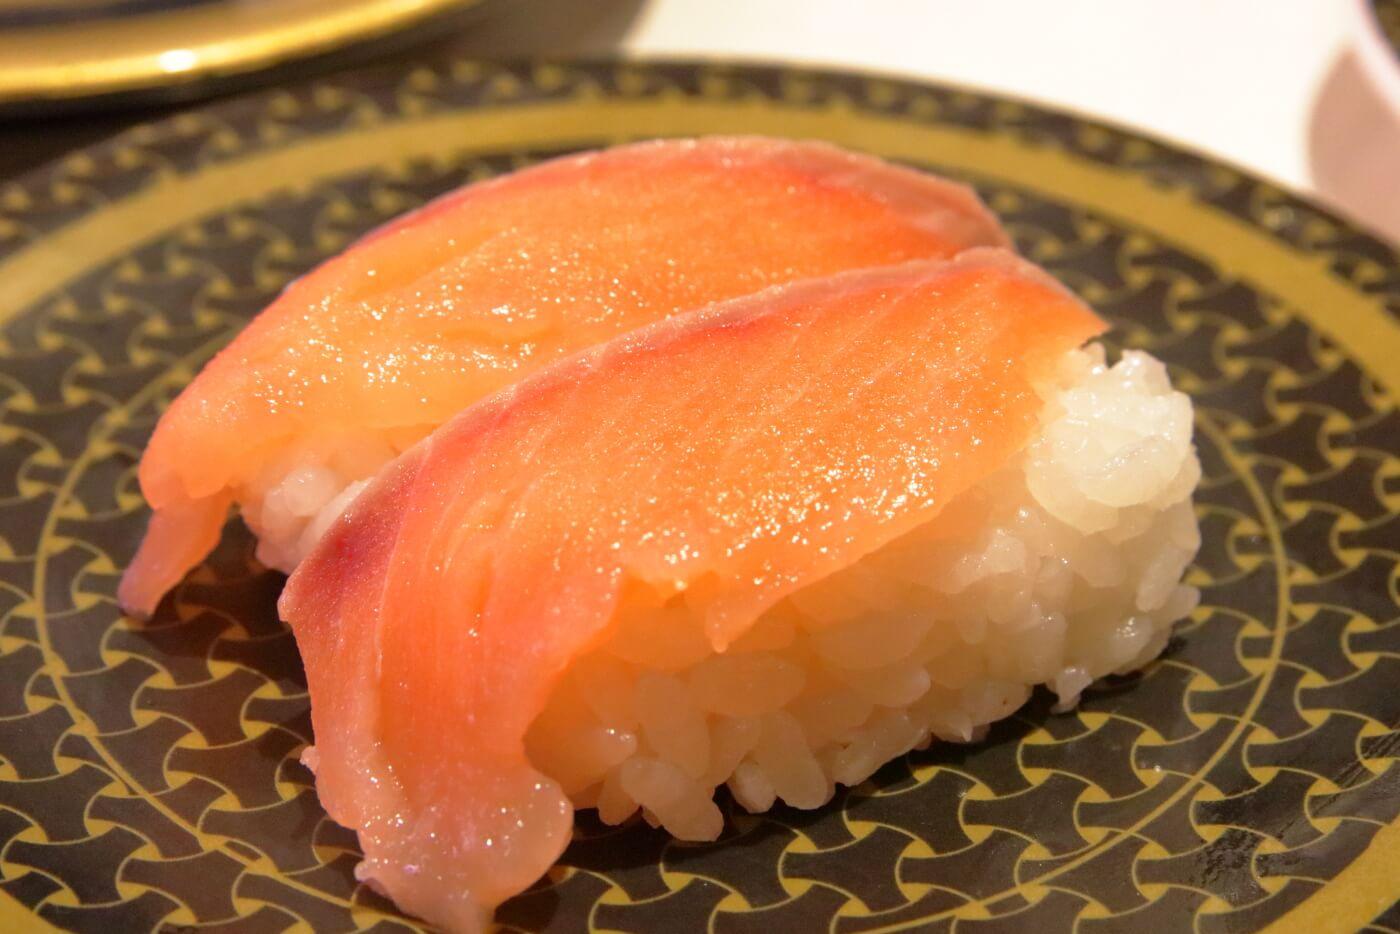 はま寿司 2018年8月下旬のフェアメニュー 秋鮭